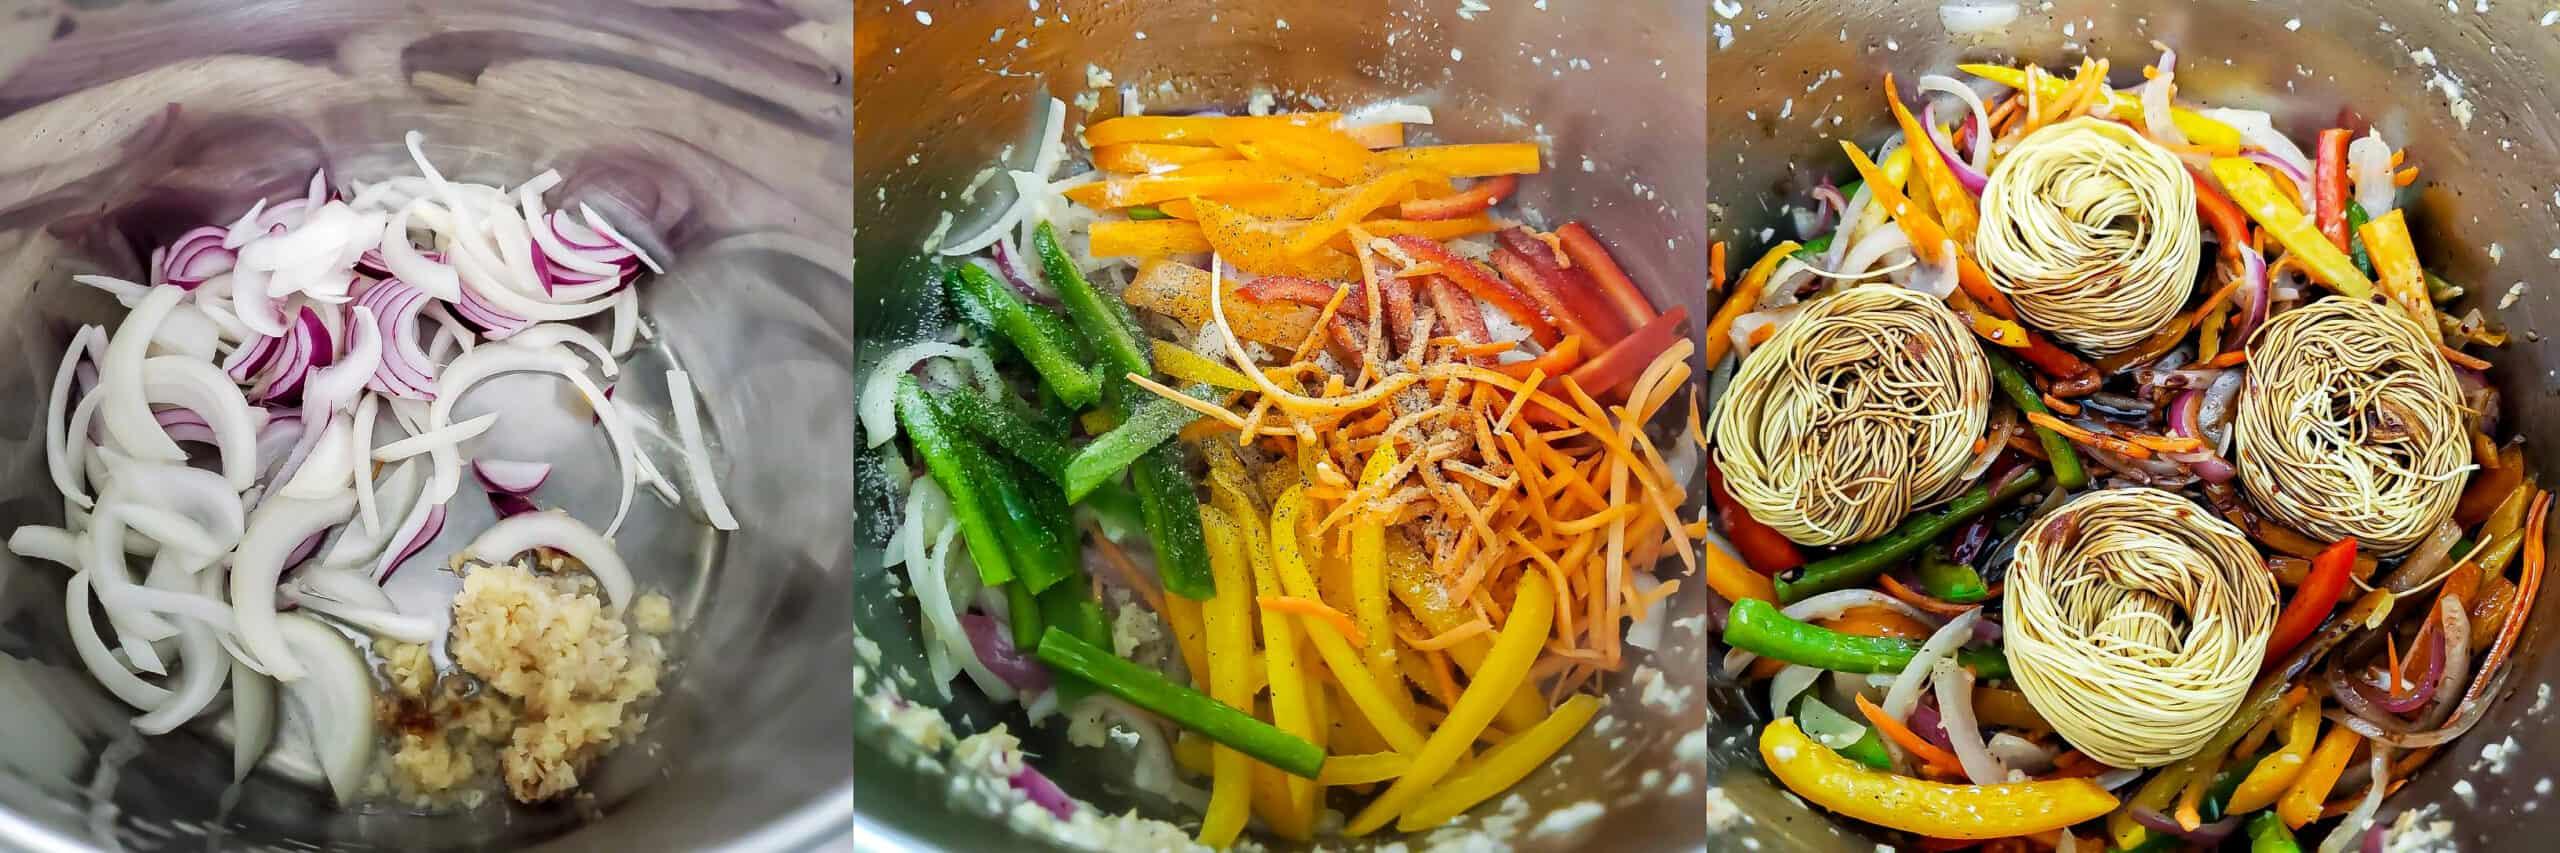 Teriyaki Noodles - Step 1